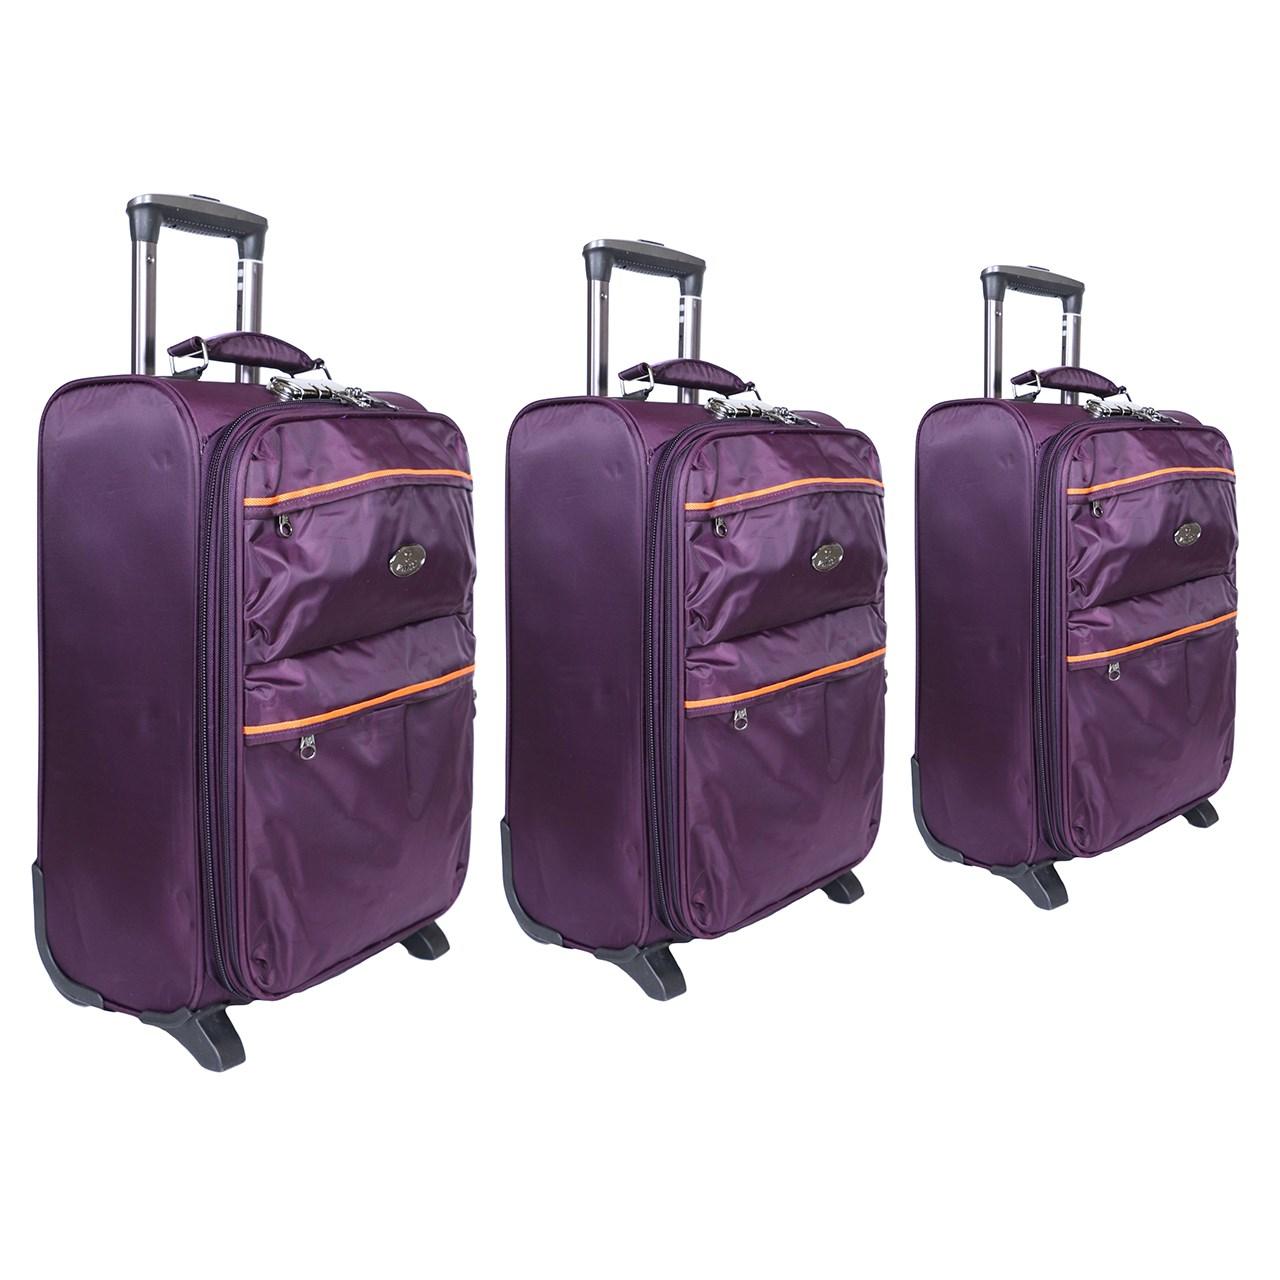 مجموعه سه عددی چمدان مدل مونسکا4